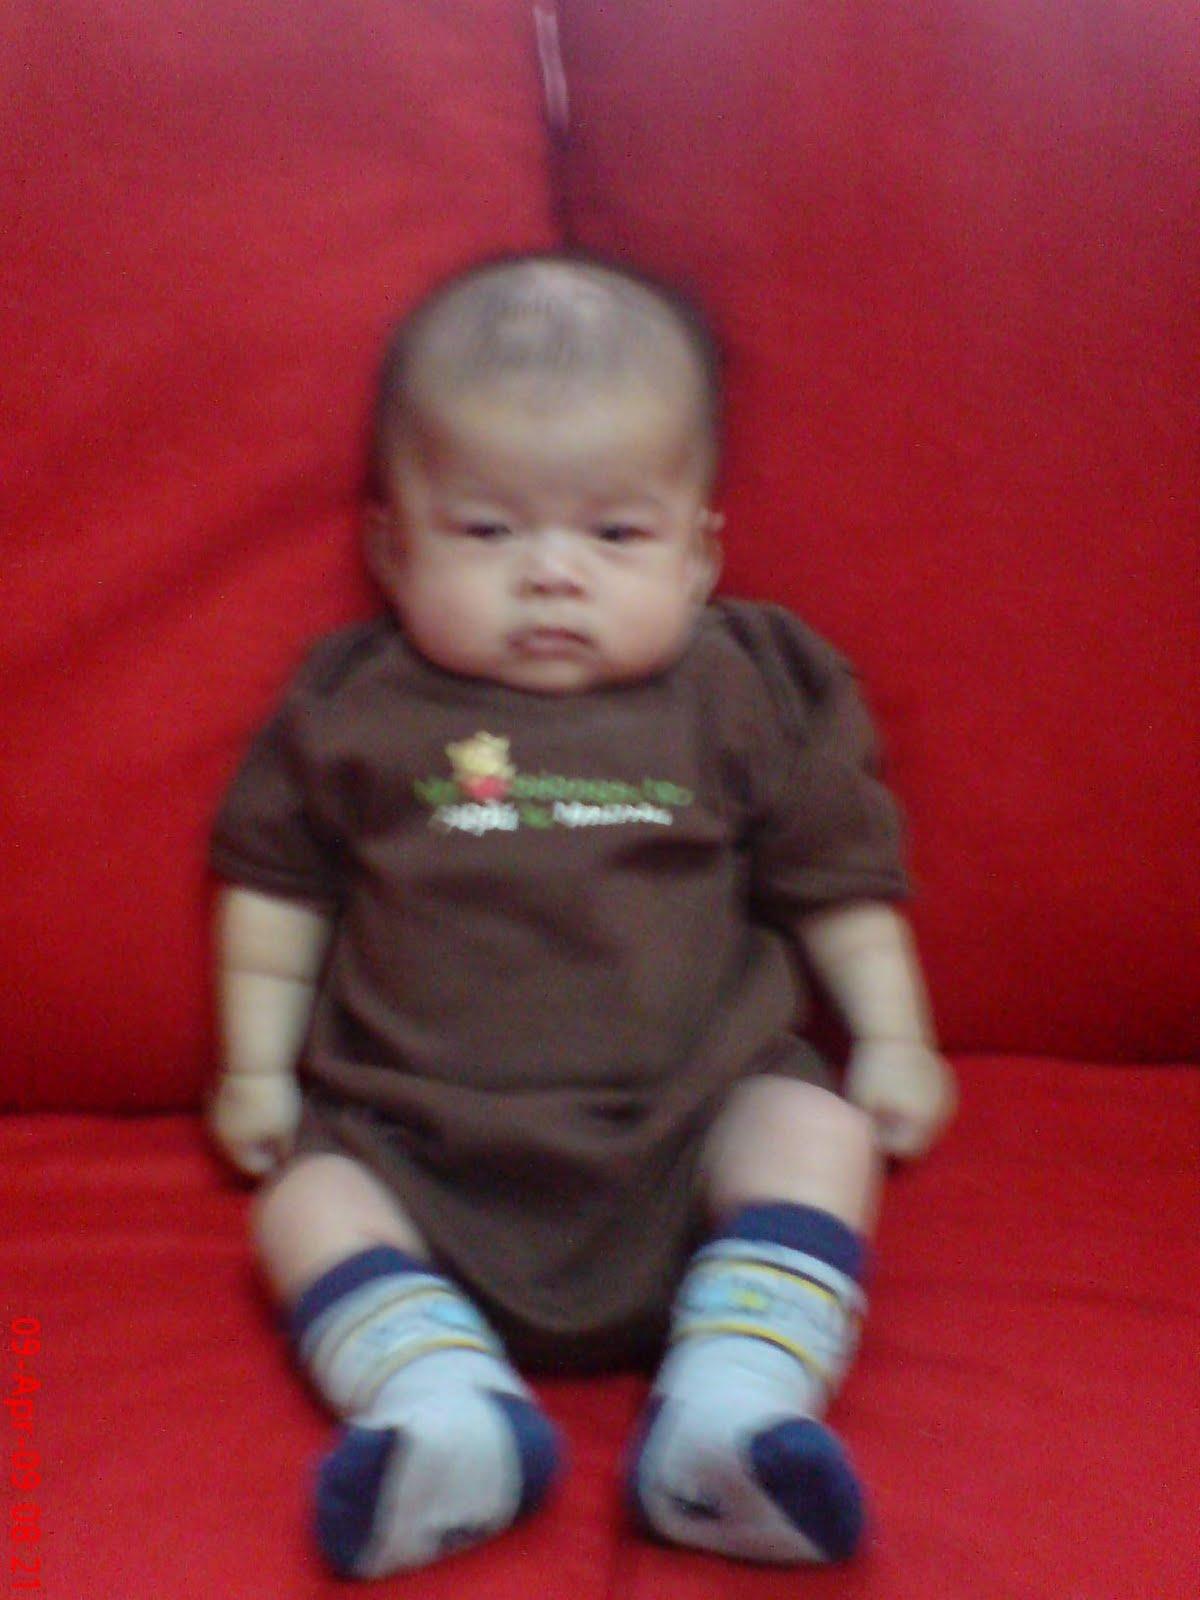 Anas - 3 months (5.0 kg)